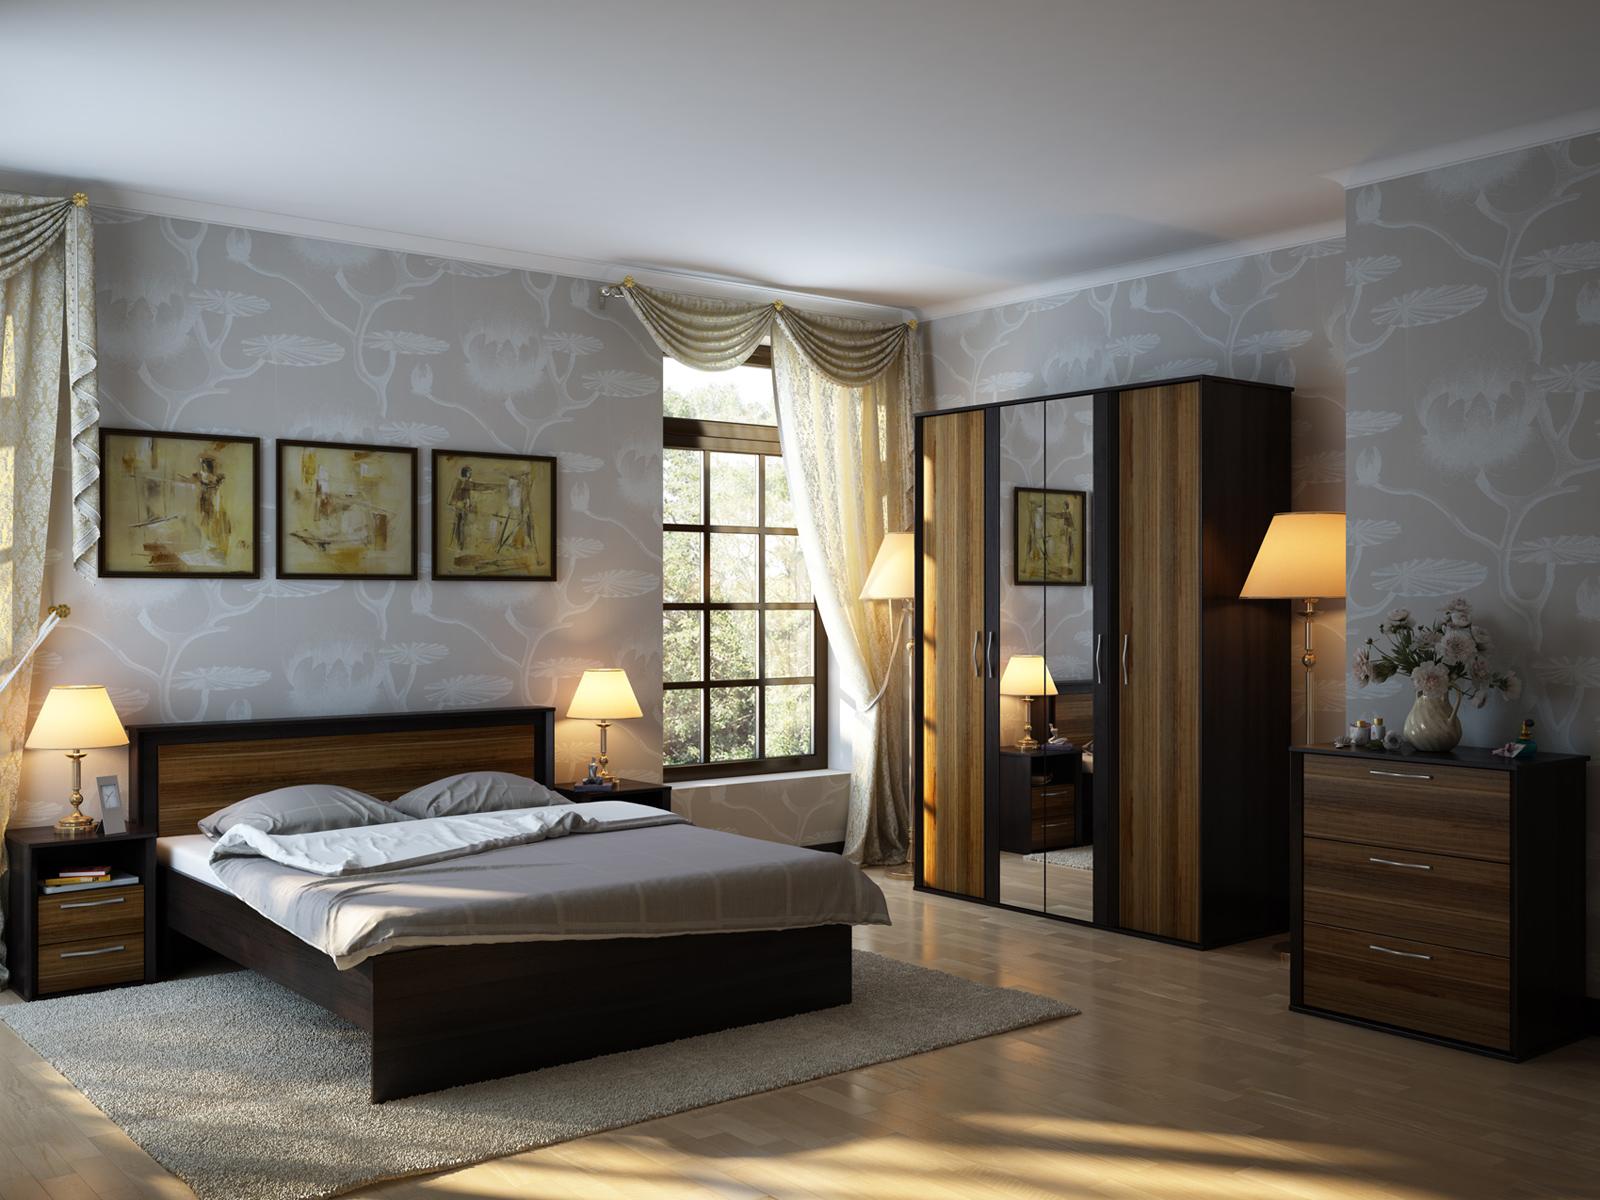 Bedroom_41